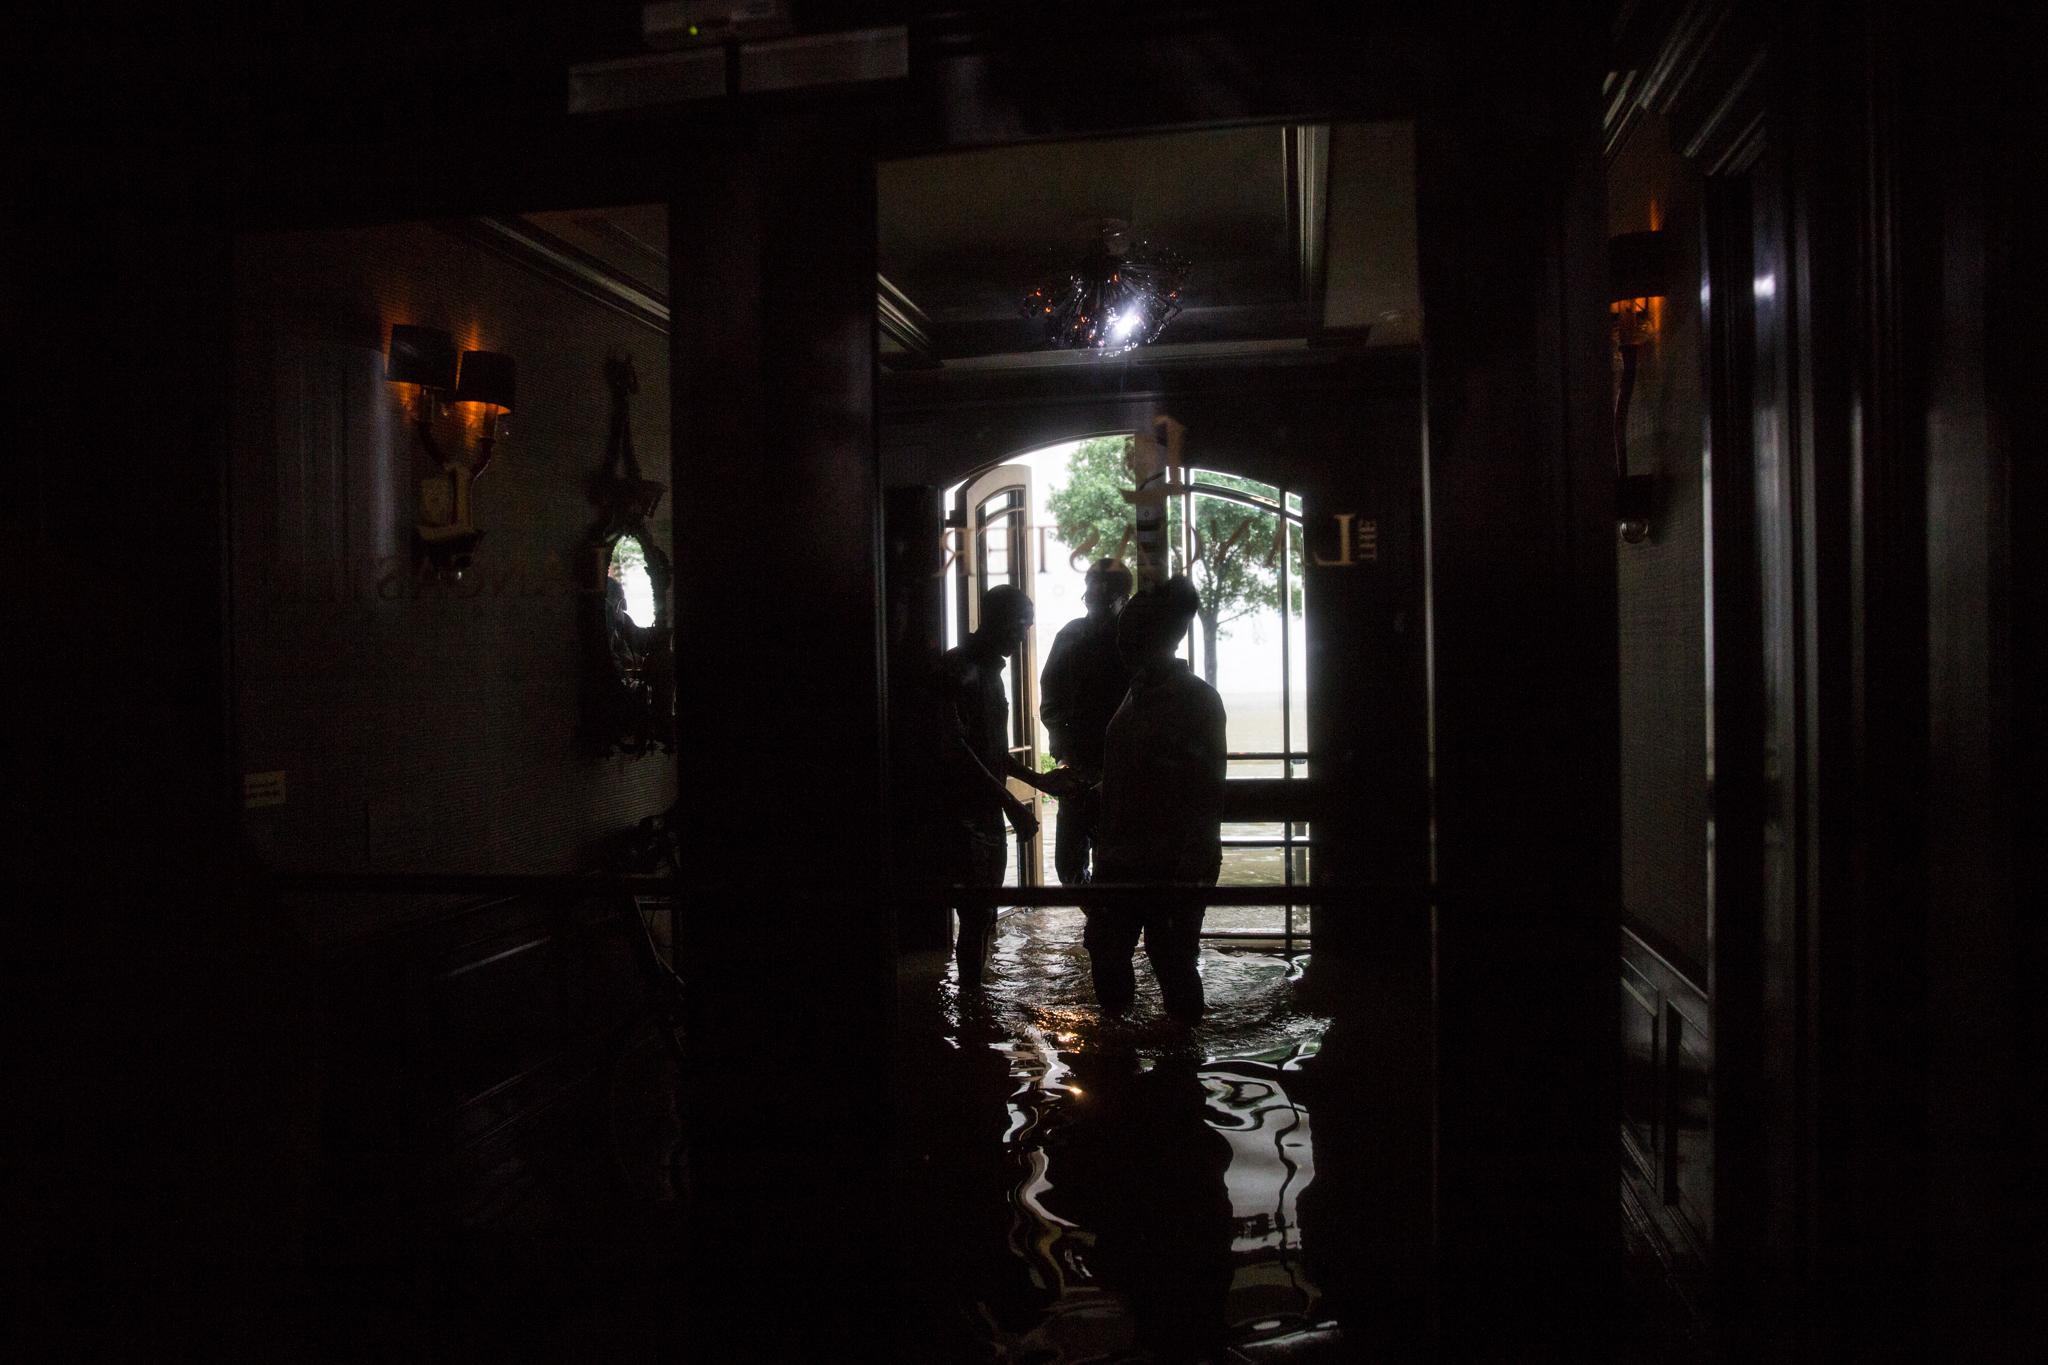 2017-08-27_Hurricane_Harvey_Downtown_Pu.Ying.Huang0077.jpg